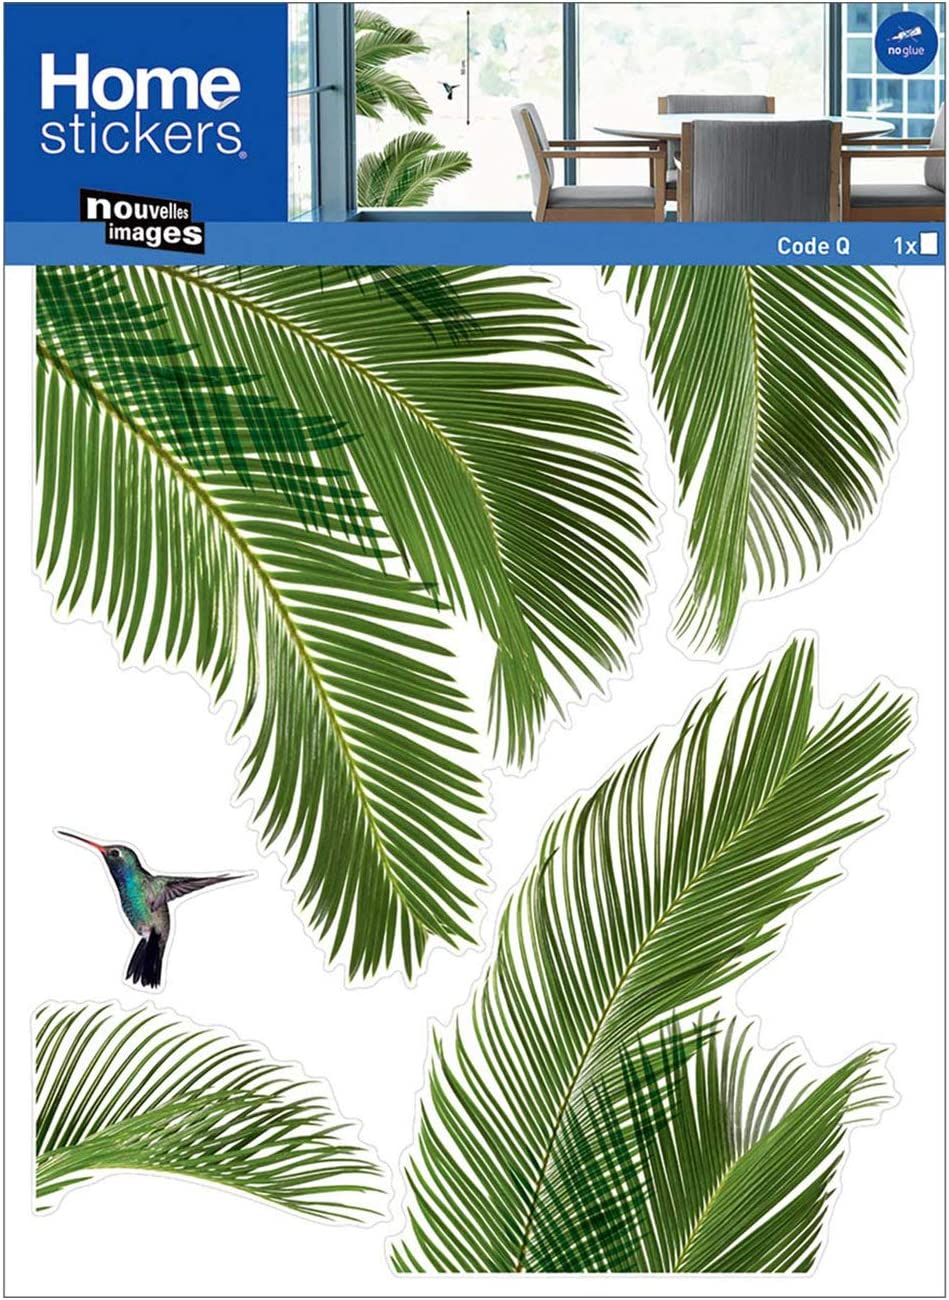 disponible en 24 Couleurs Cadeau 3 x Be Kind Vinyle Stickers Autocollants pour vitres